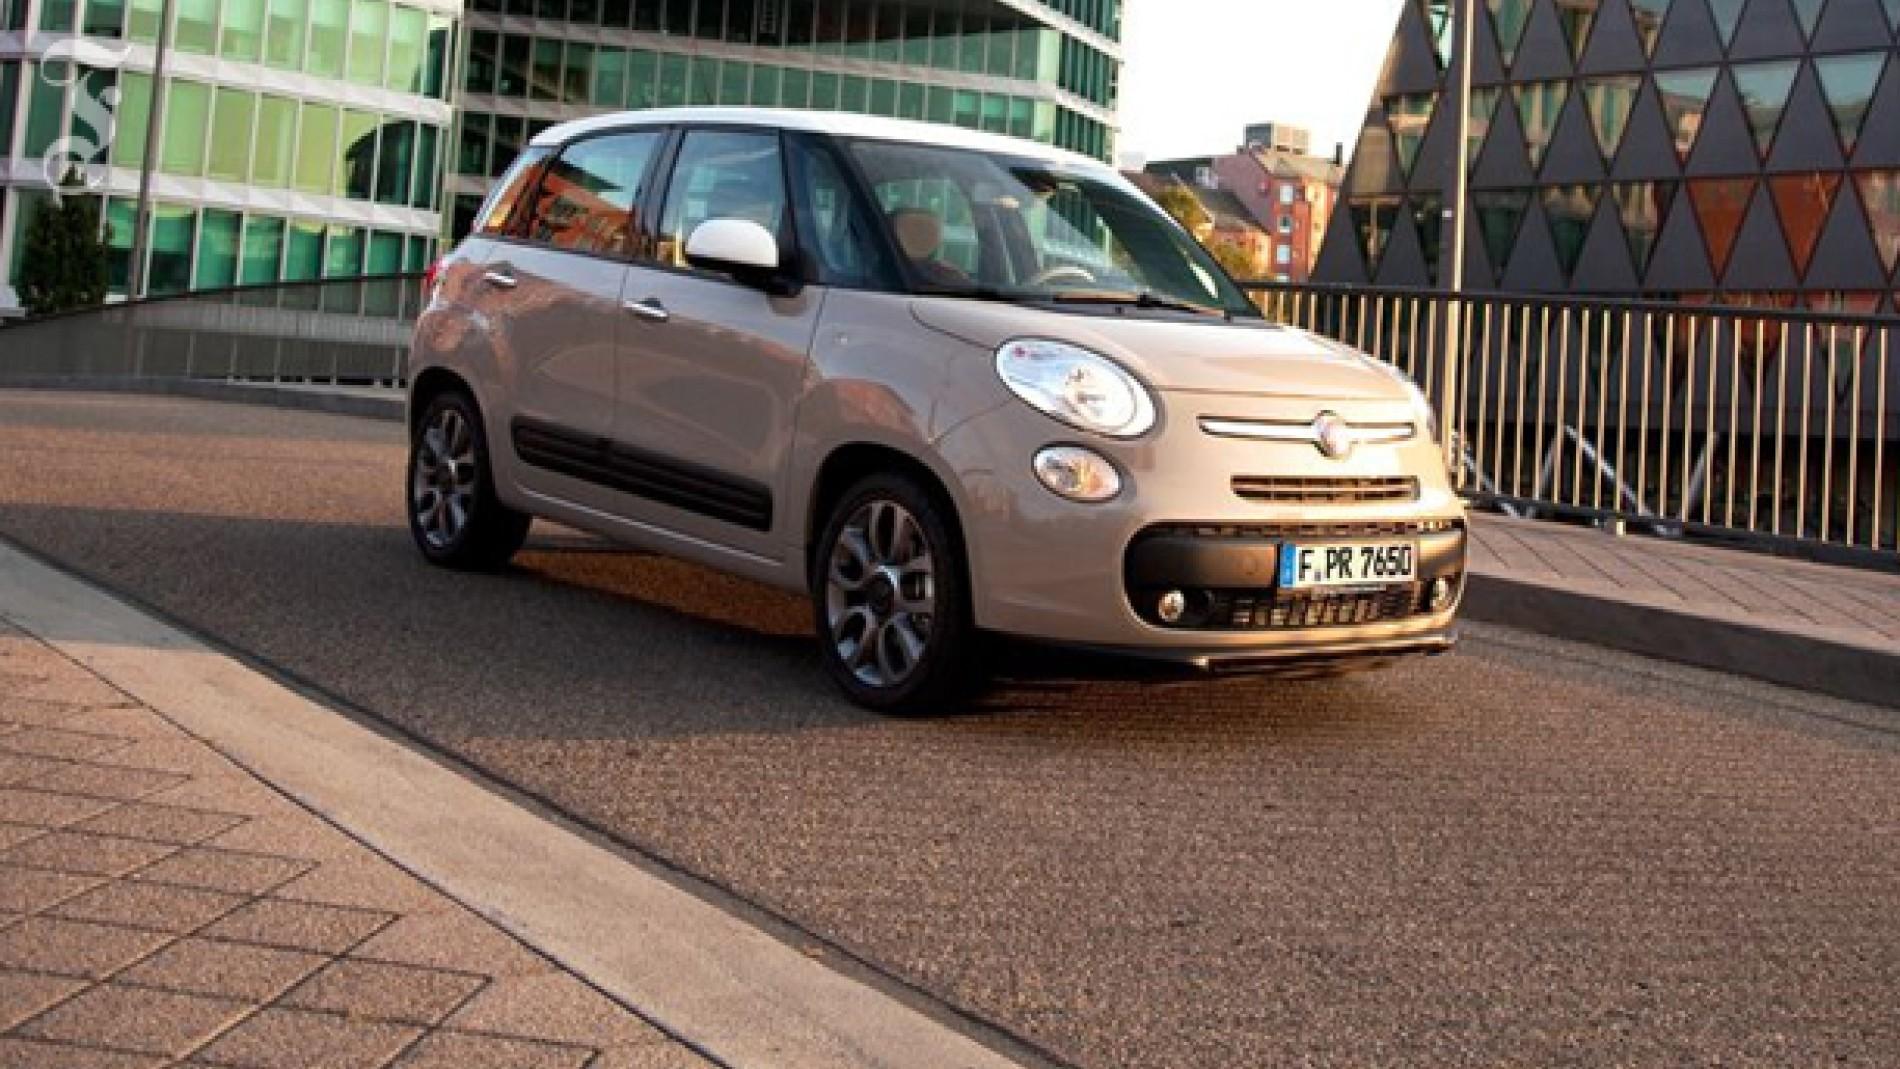 Fahrtbericht Fiat 500l Der Liebling Der Hausmänner Fahrberichte Faz